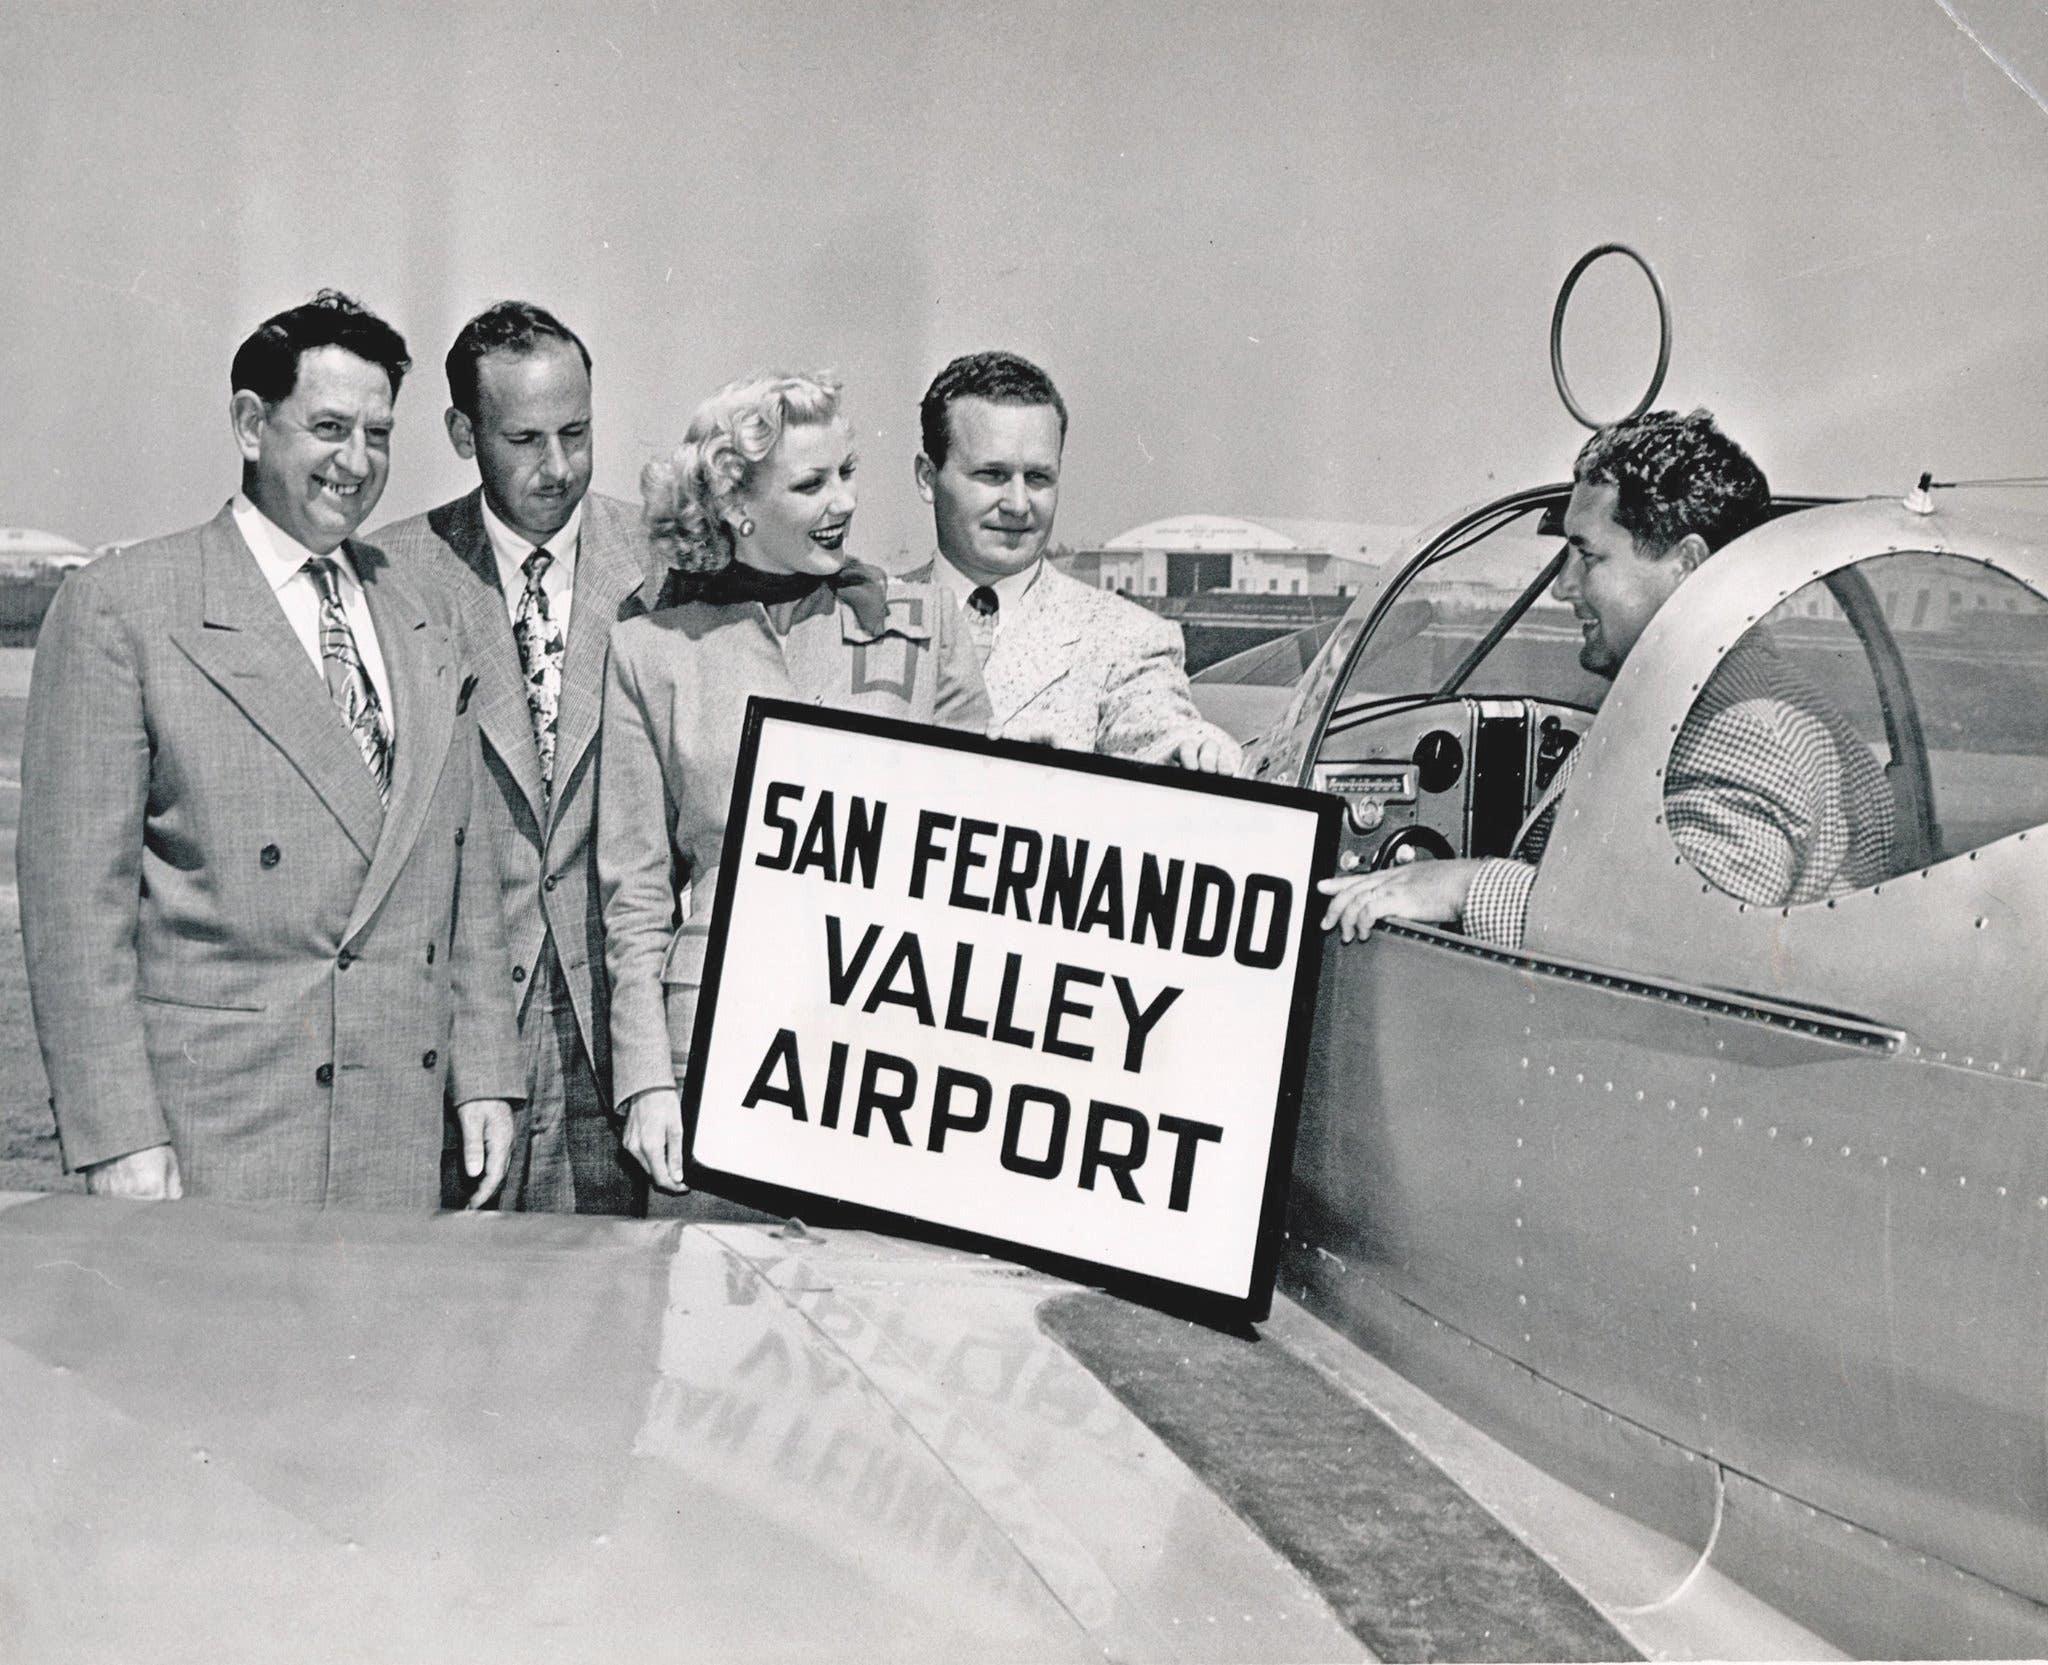 Metropolitan Airport is renamed San Fernando Valley Airport